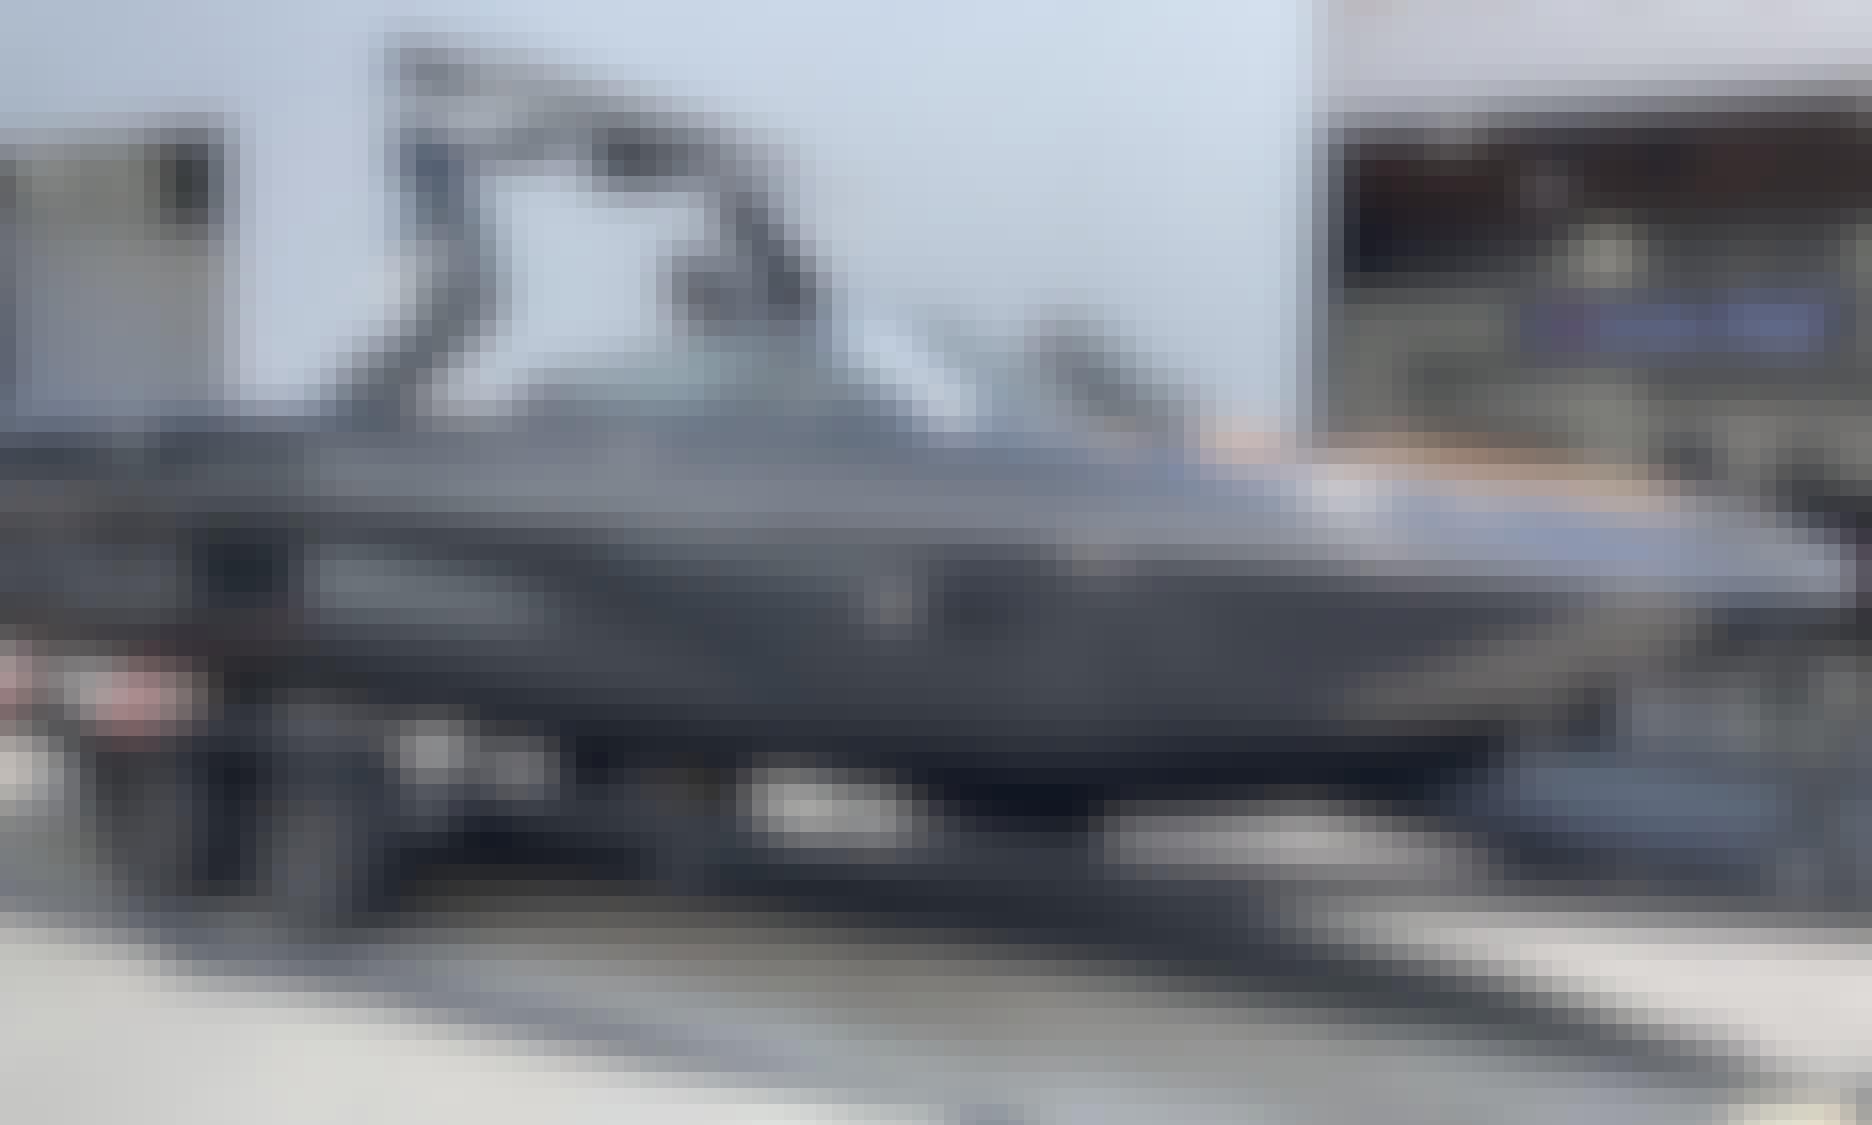 WakeSurf/WakeBoard on a New 2020 Centurion Ri237, Wake Surfing in San Diego